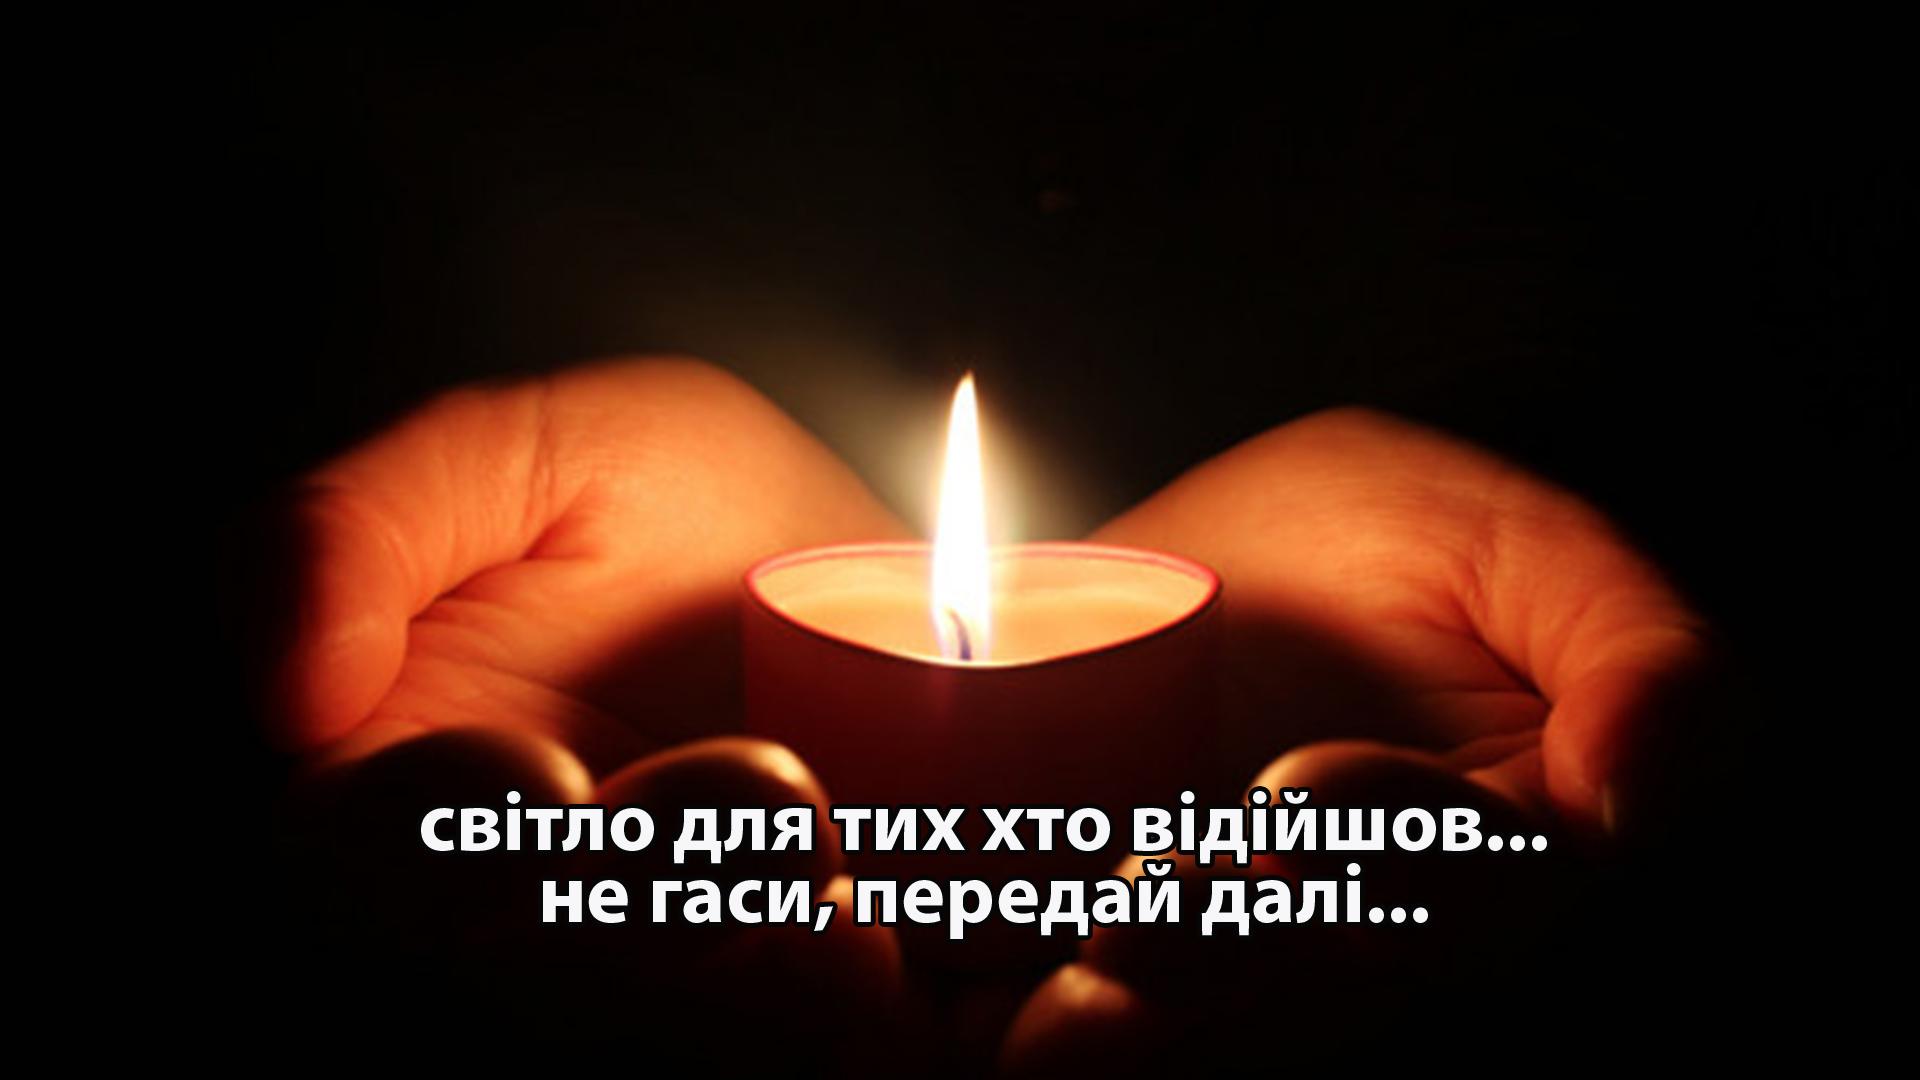 Світло для ти хто відійшов..Не гаси передай далі..